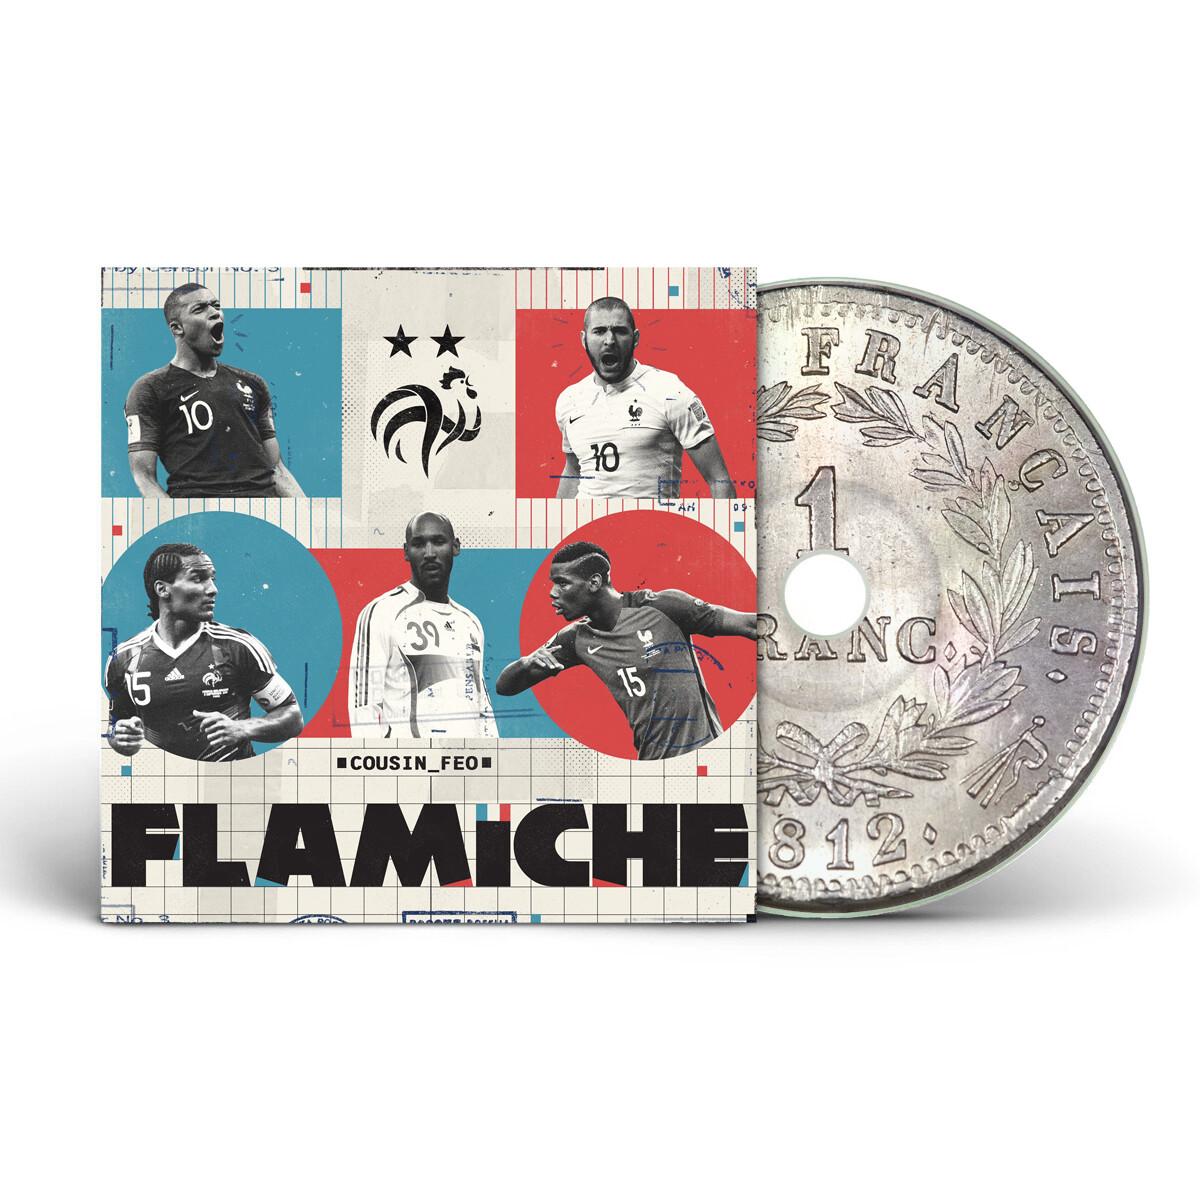 Flamiche CD